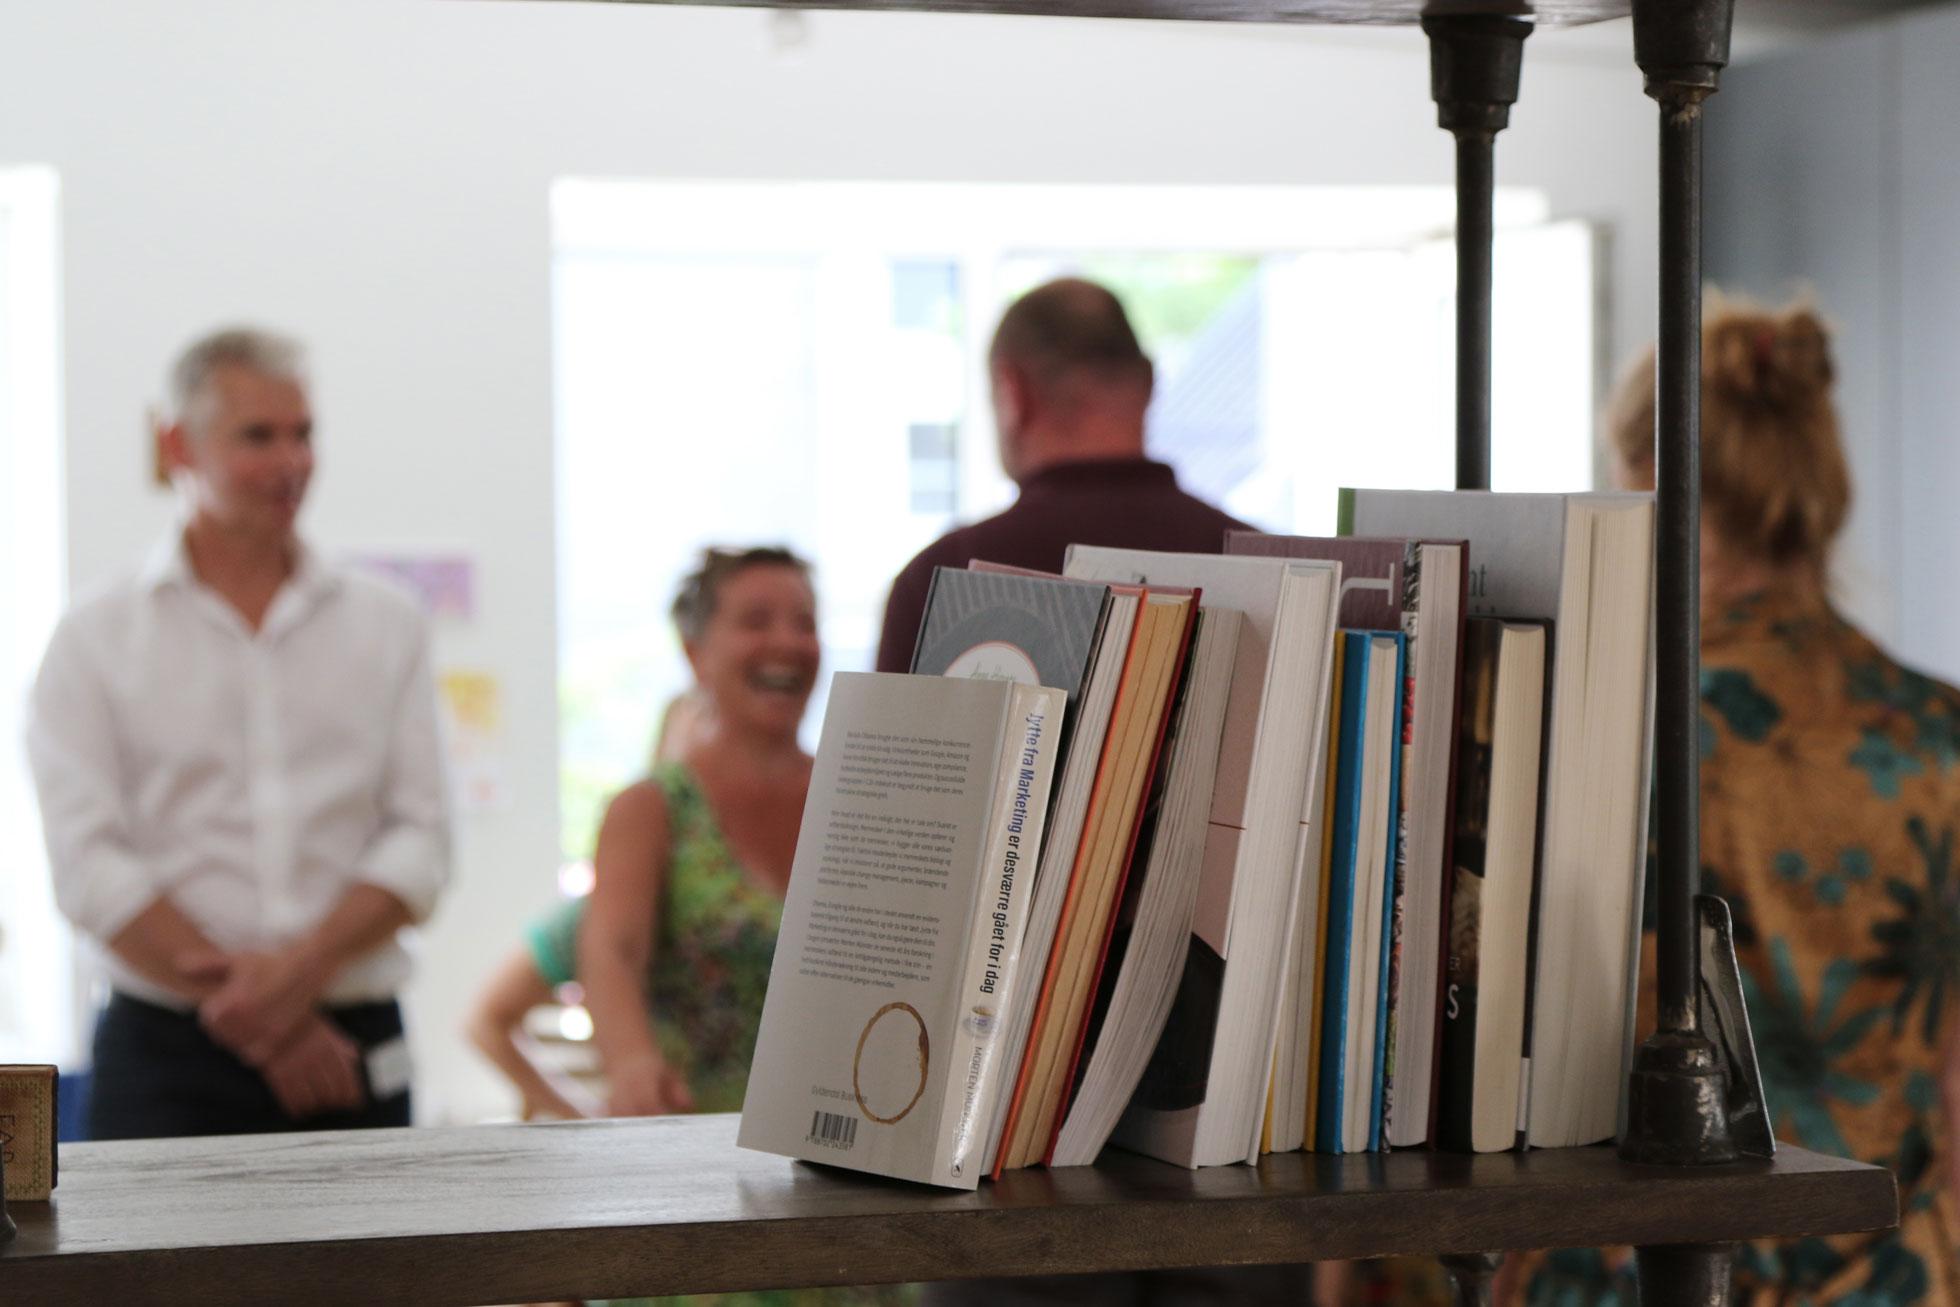 Billede fra læringsforløb i Projekthuset Aron